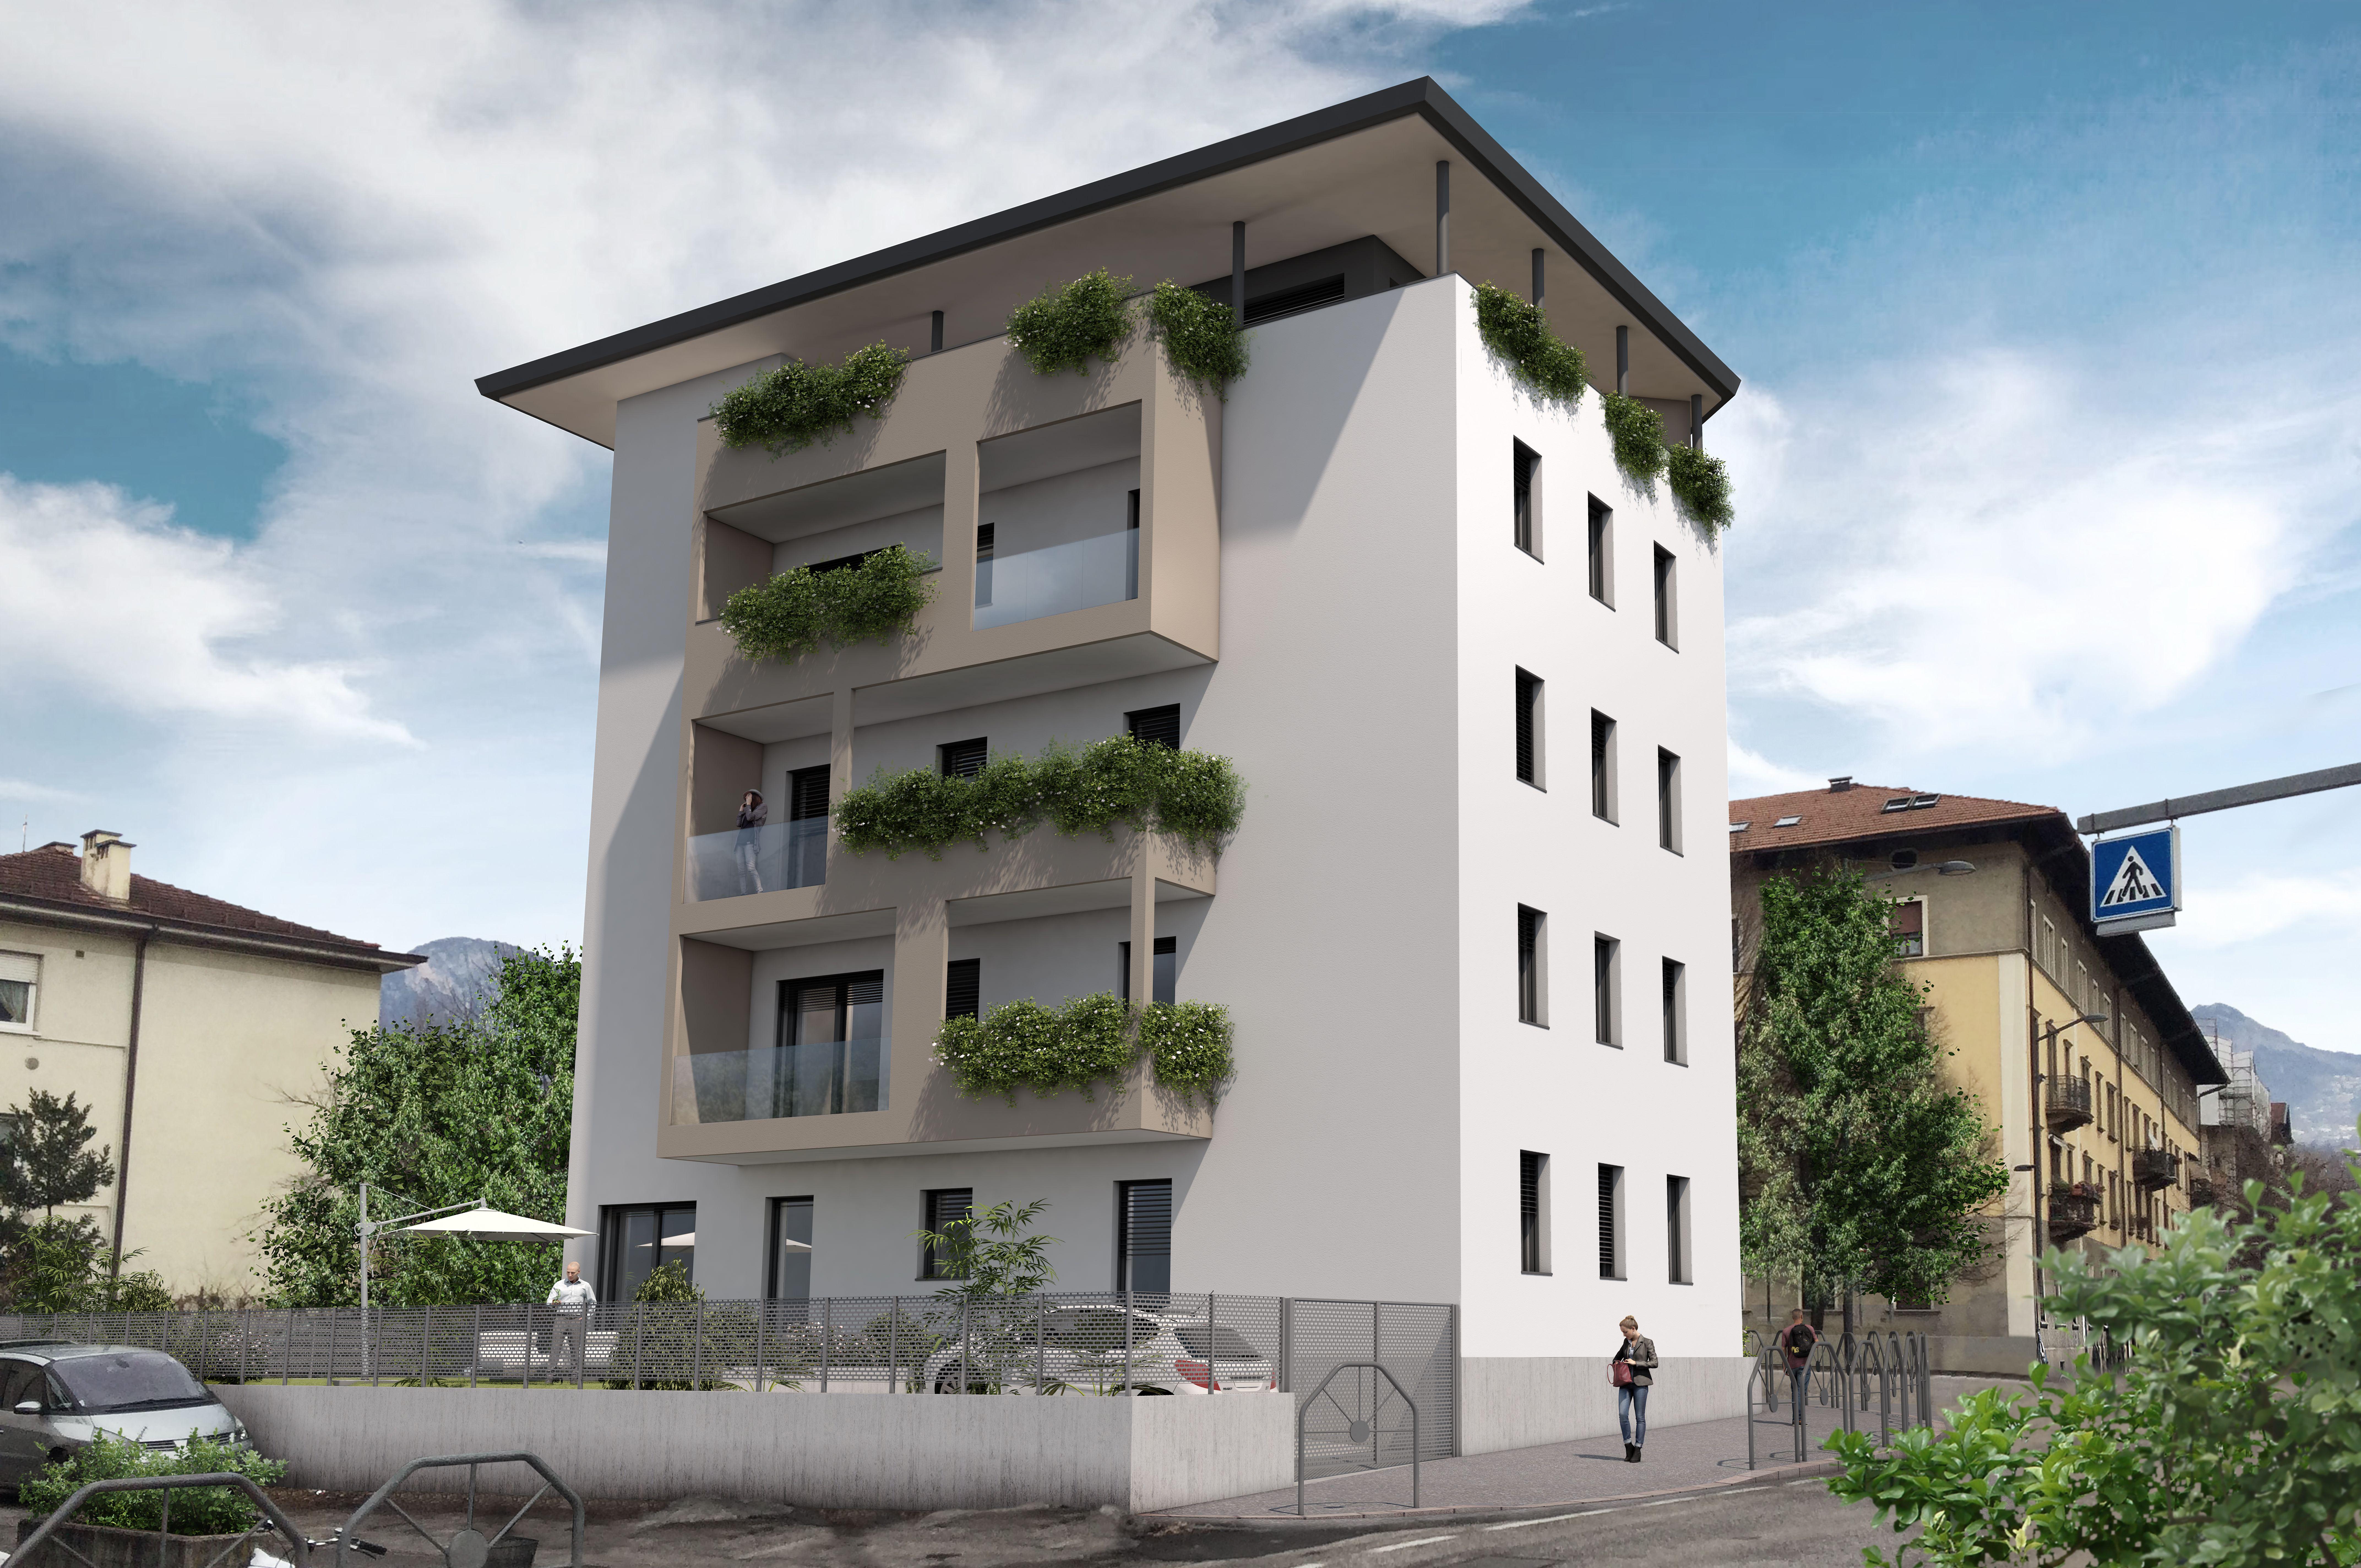 Immobile di pregio in vendita in prossimità del centro di Trento